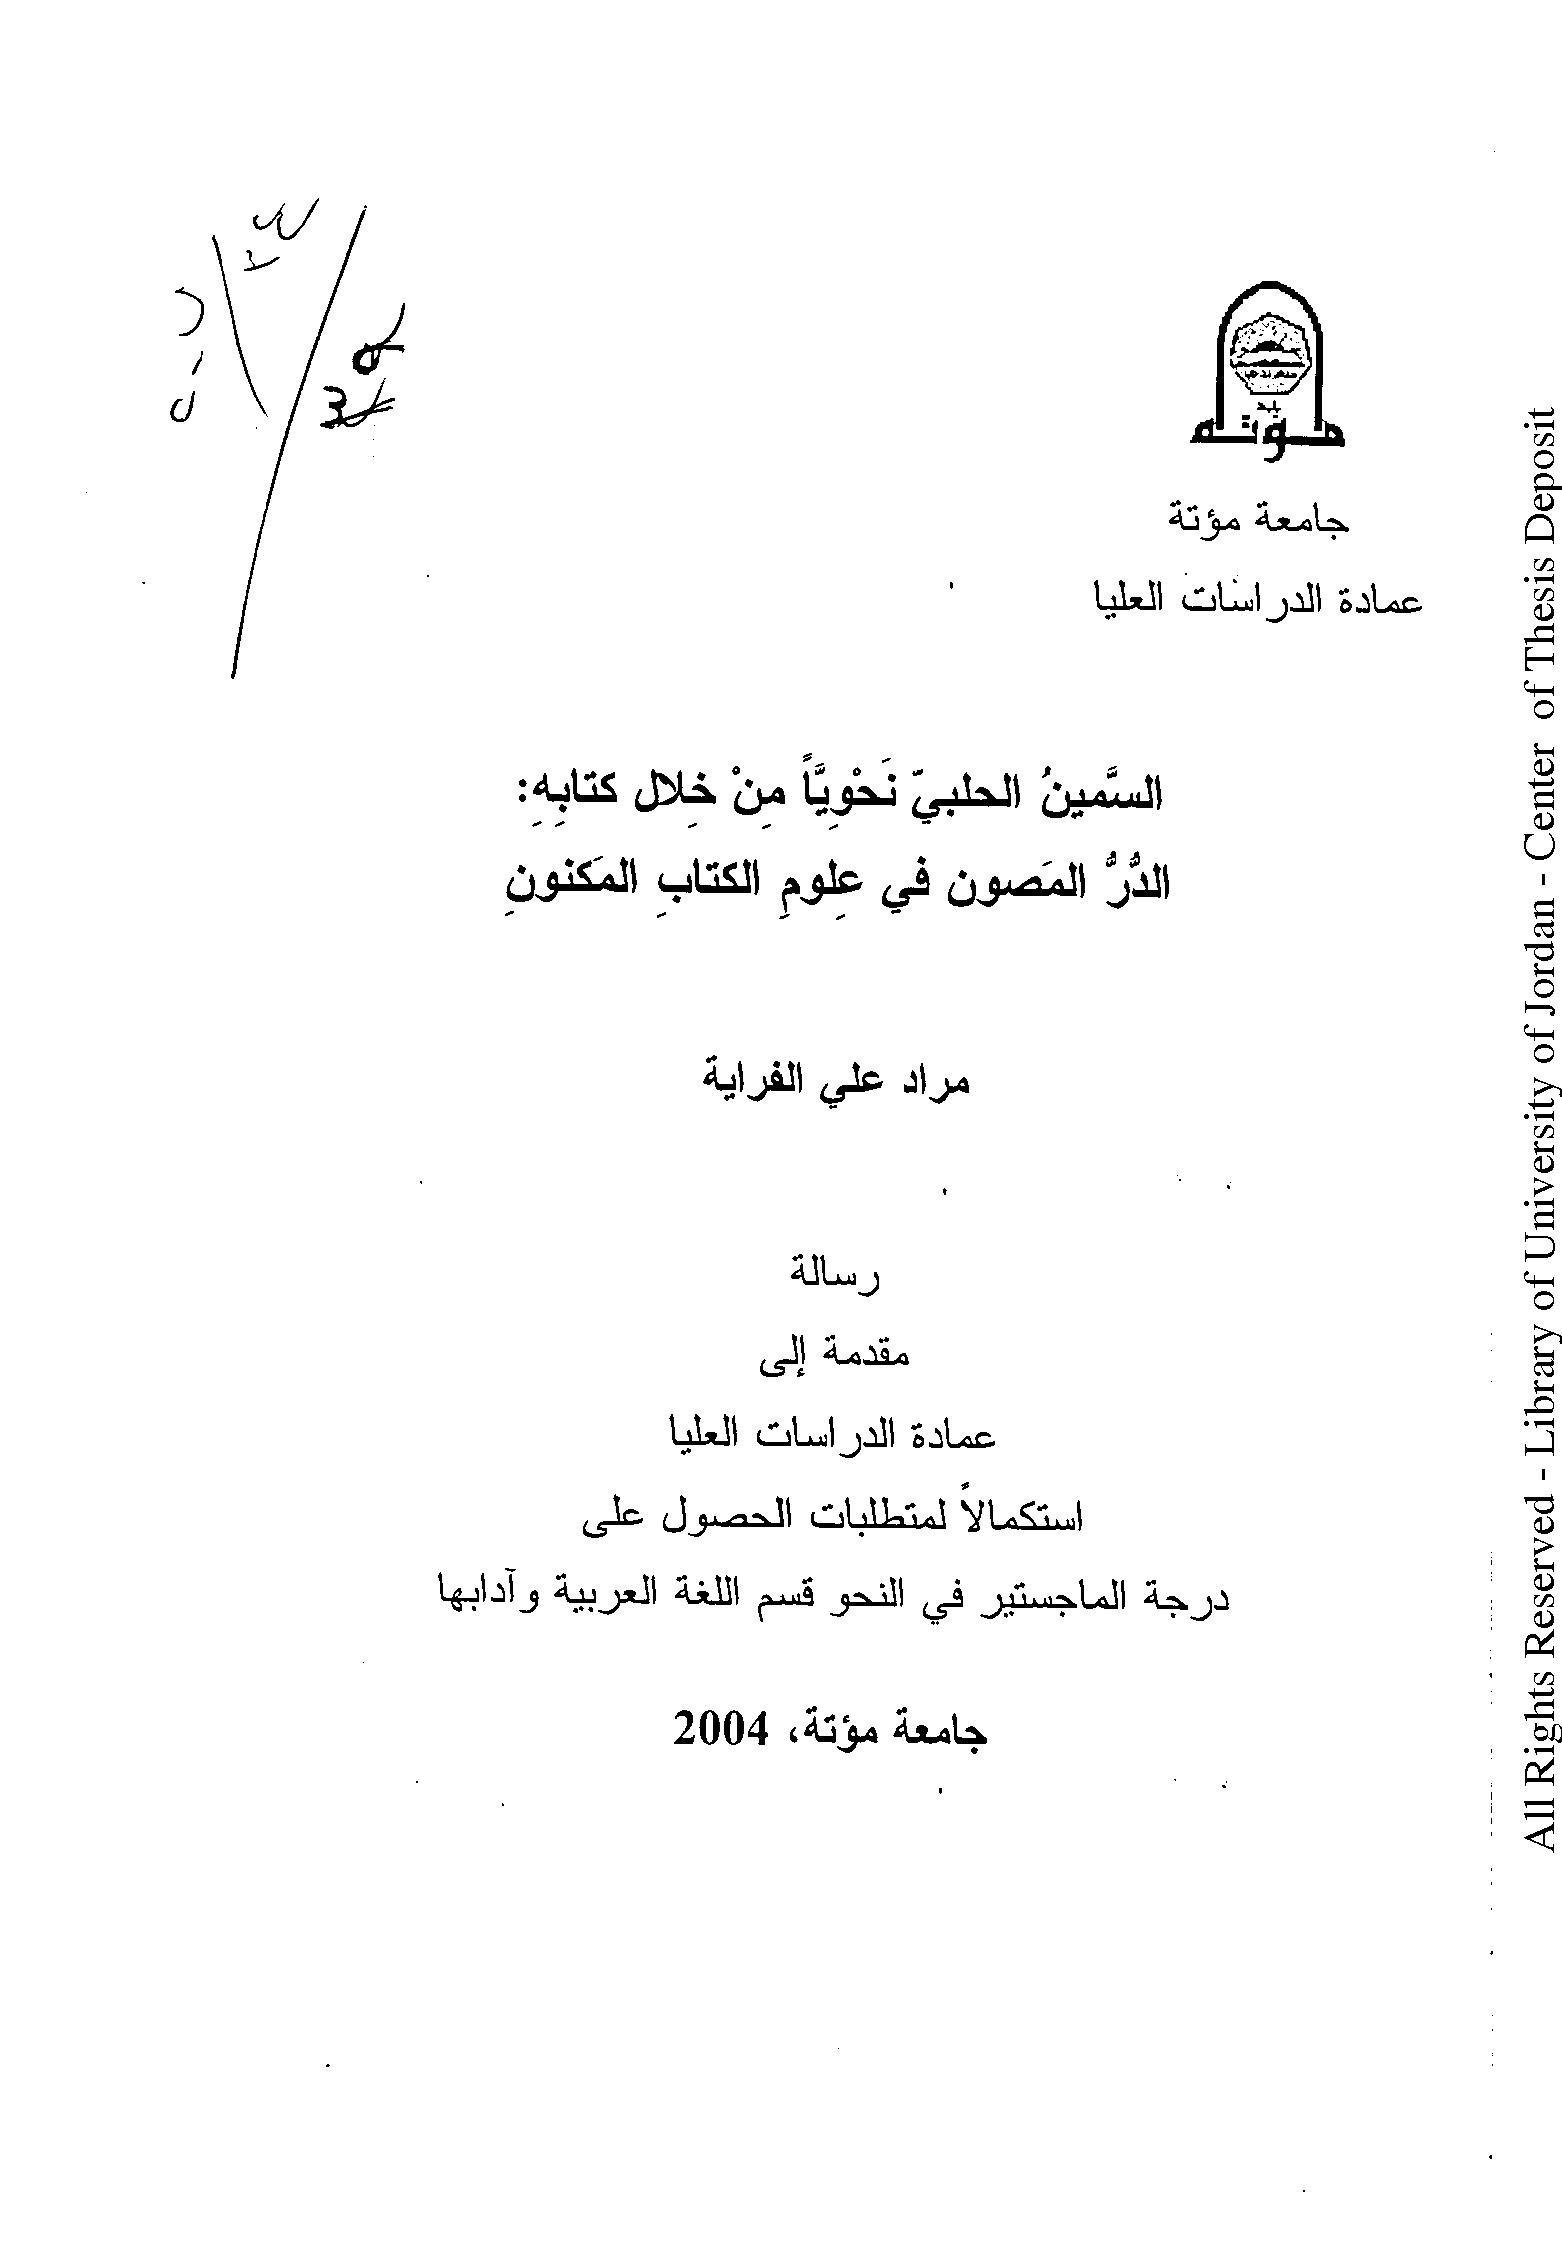 السمين الحلبي نحويًّا من خلال كتابه: «الدر المصون في علوم الكتاب المكنون» - مراد علي الفراية